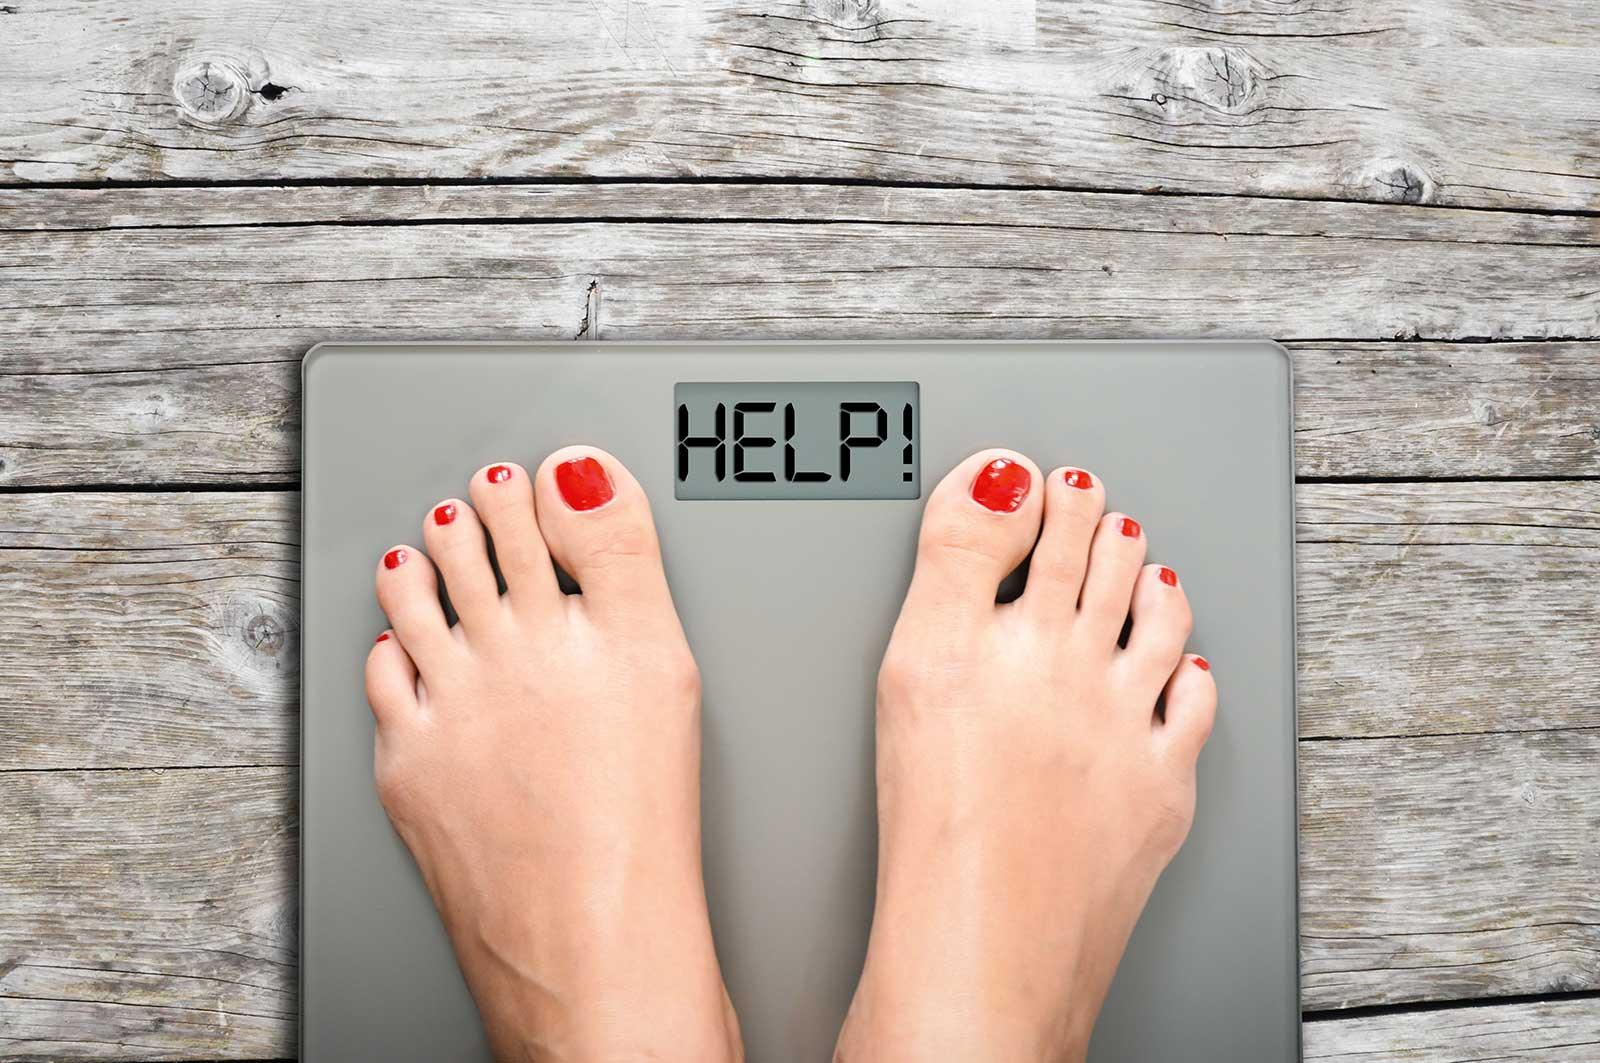 Perdre du poids grace à l'hypnose